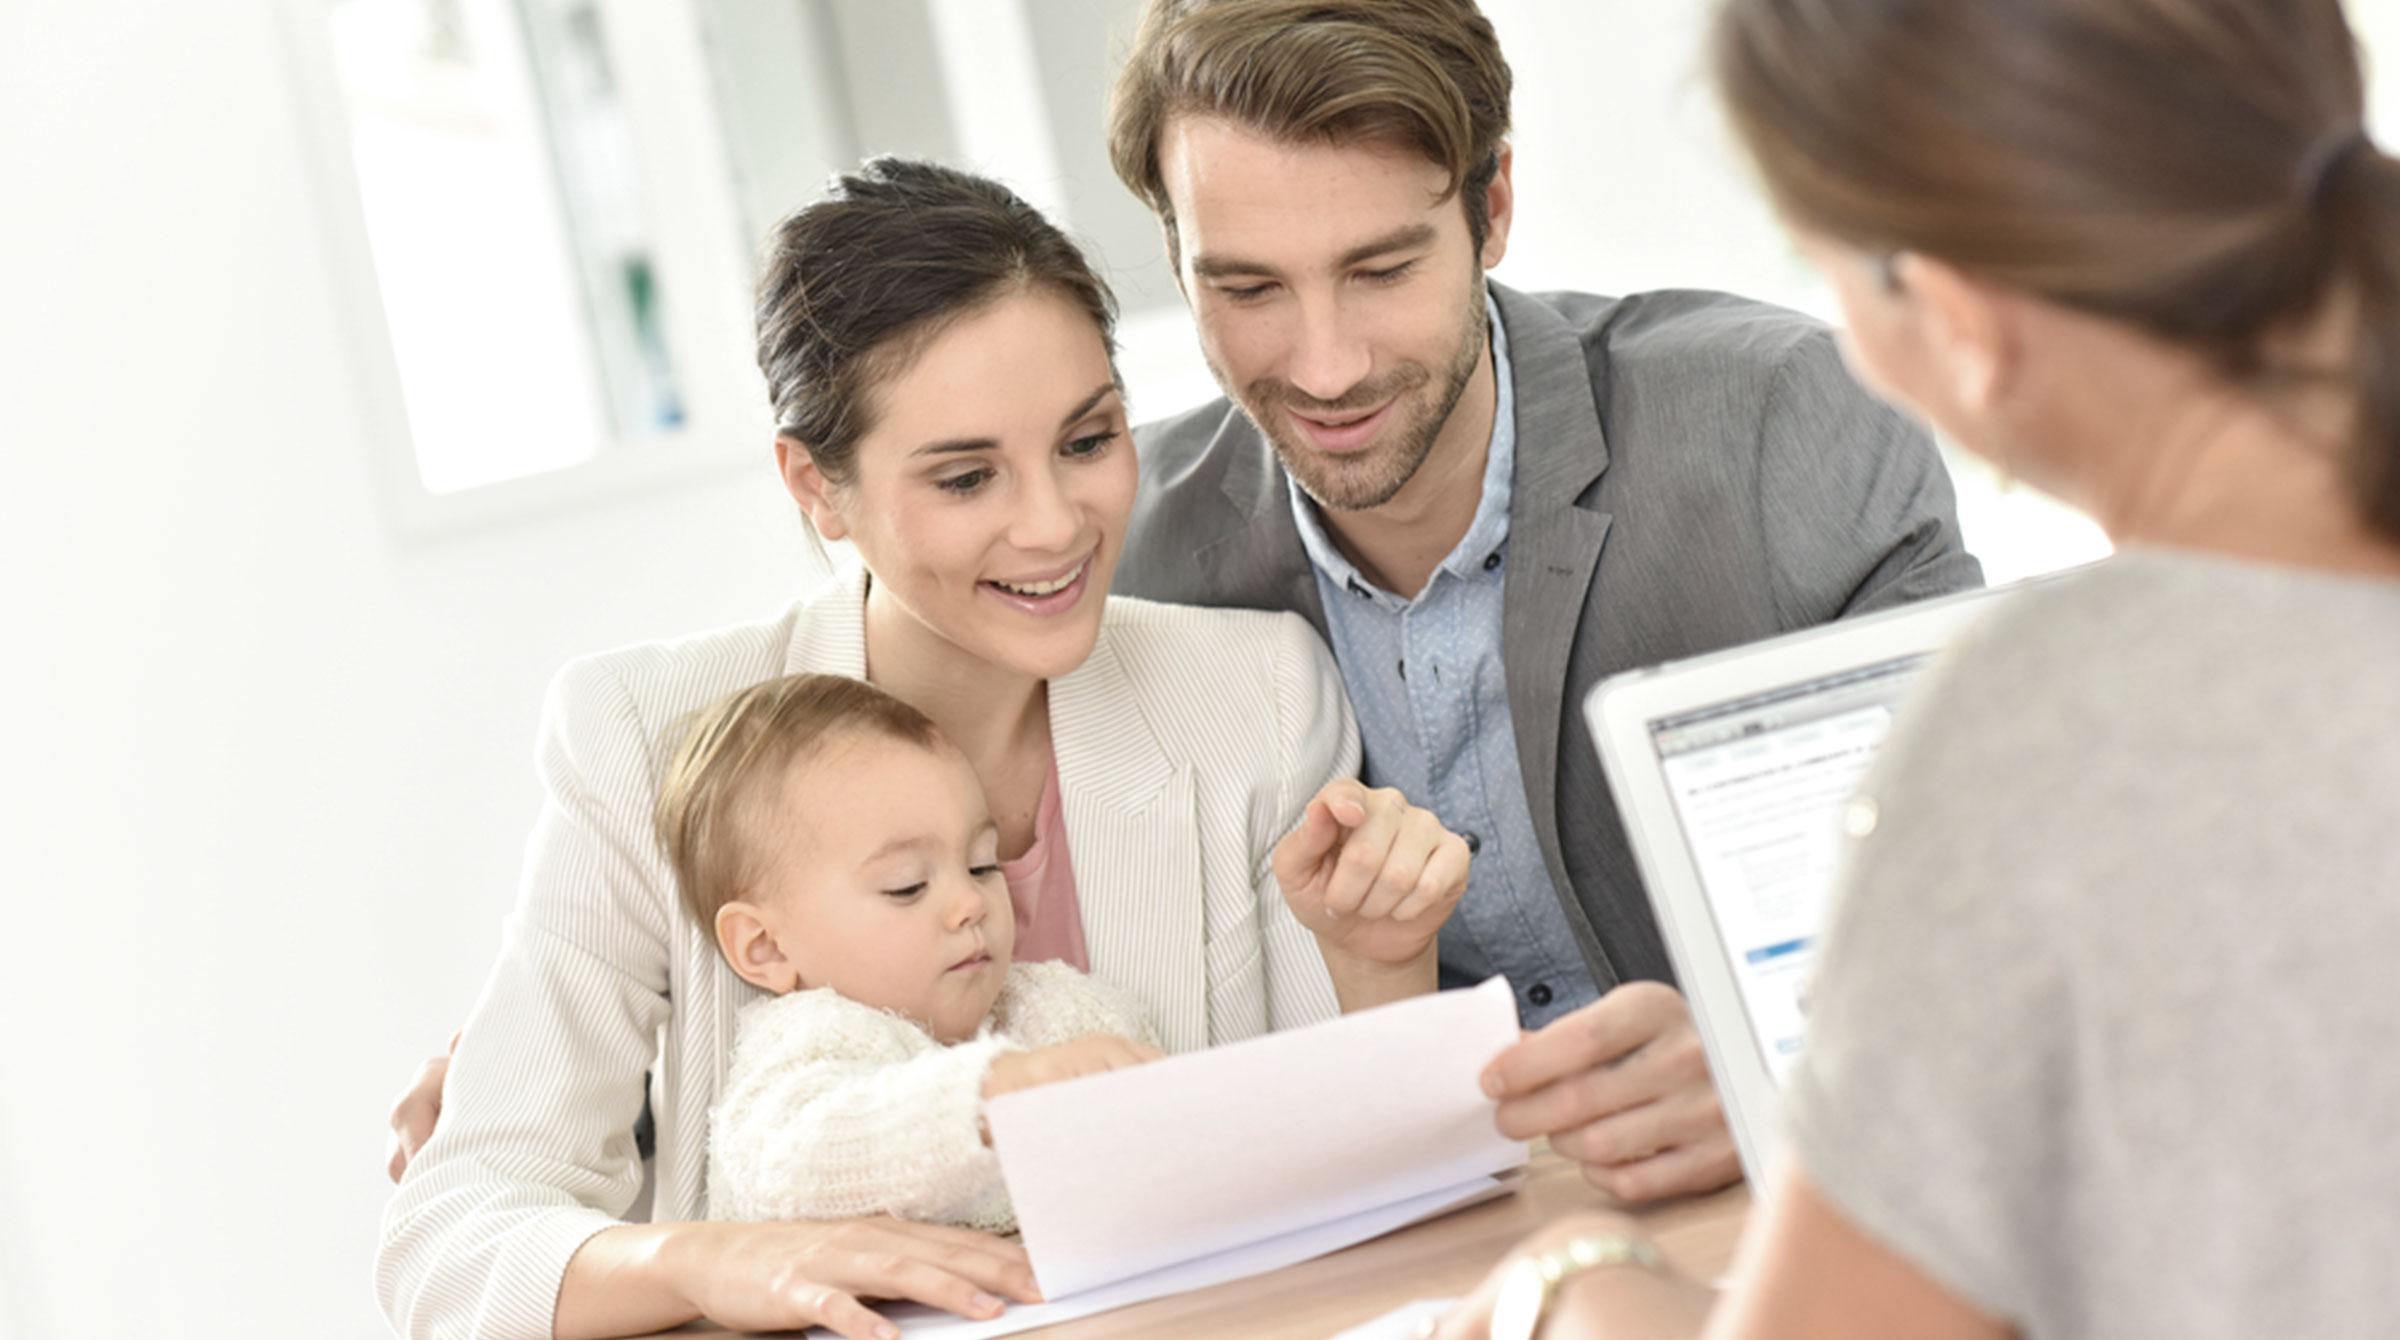 Introbild zum Thema Hypothek